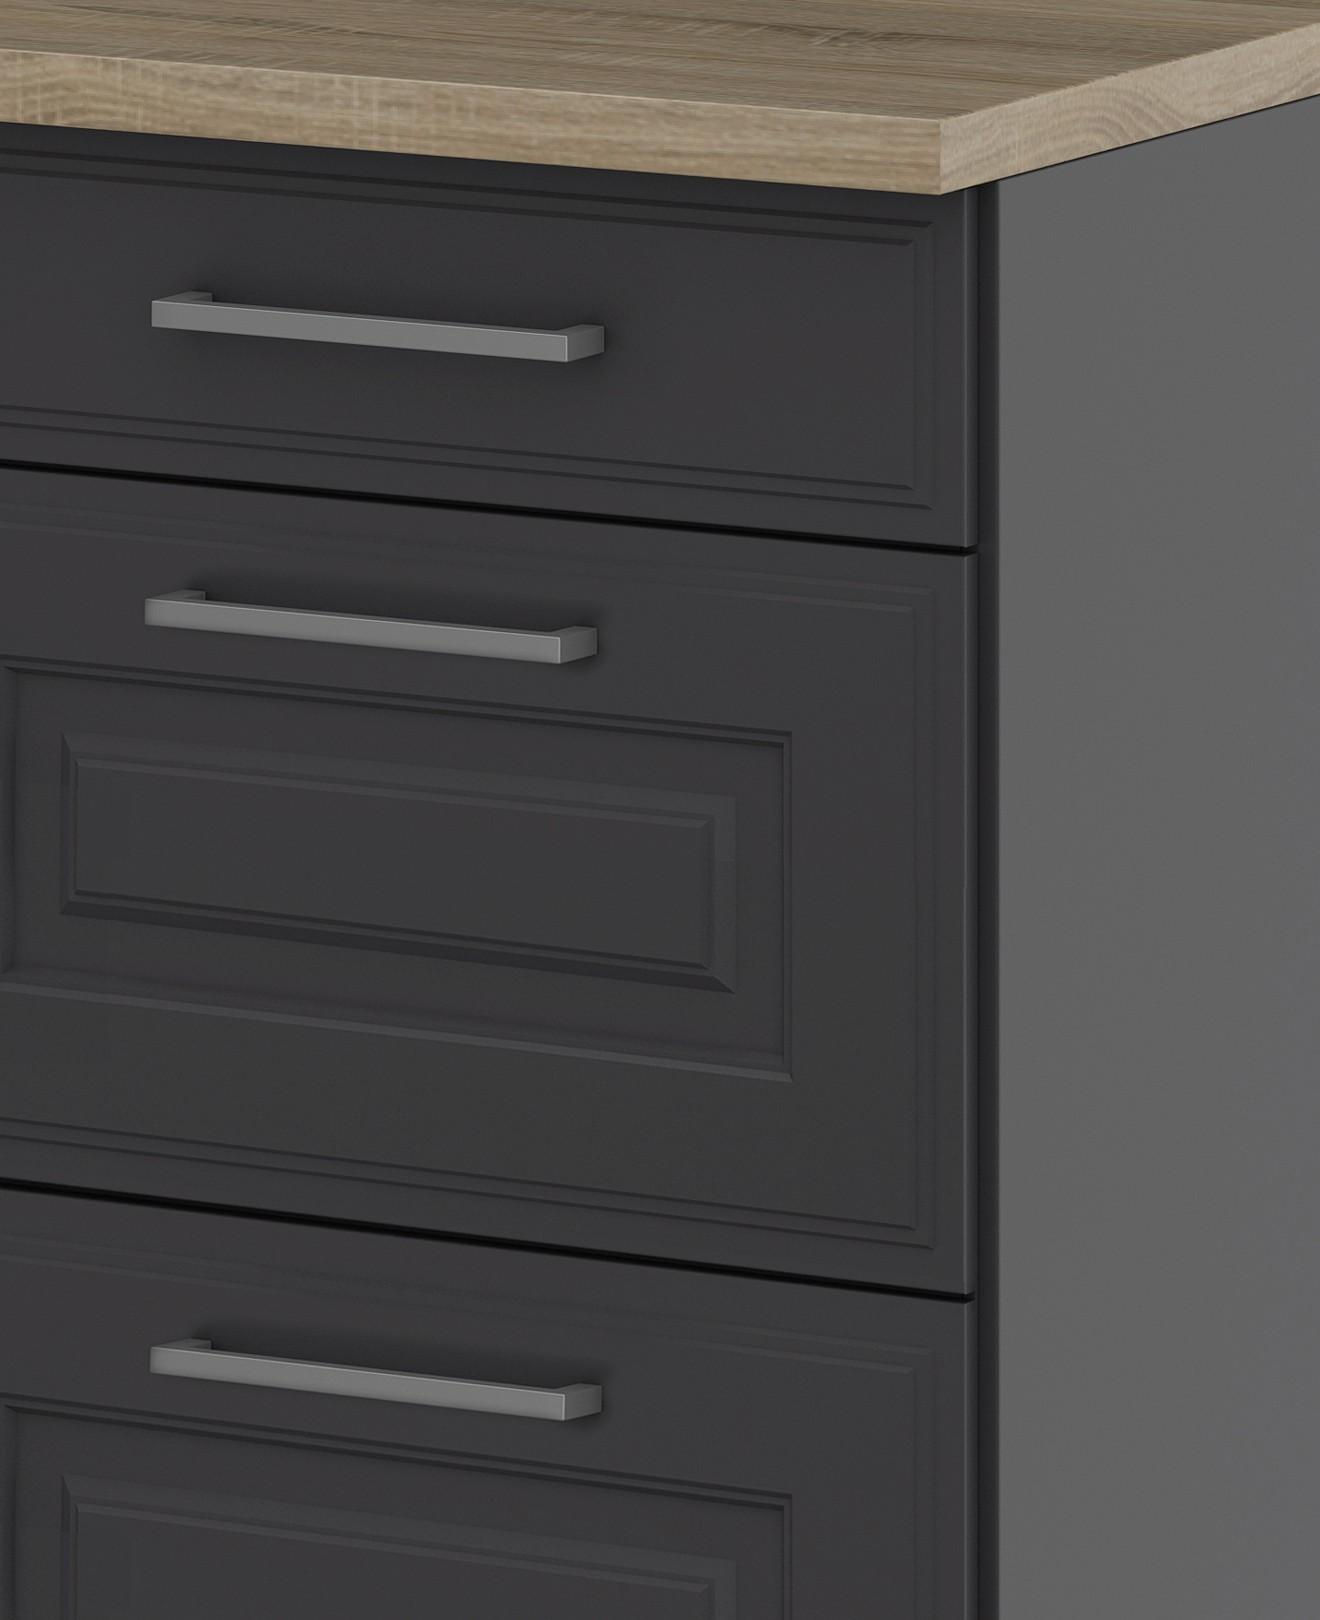 k chen unterschrank k ln 2 ausz ge 1 schublade grau graphit k che k chen unterschr nke. Black Bedroom Furniture Sets. Home Design Ideas